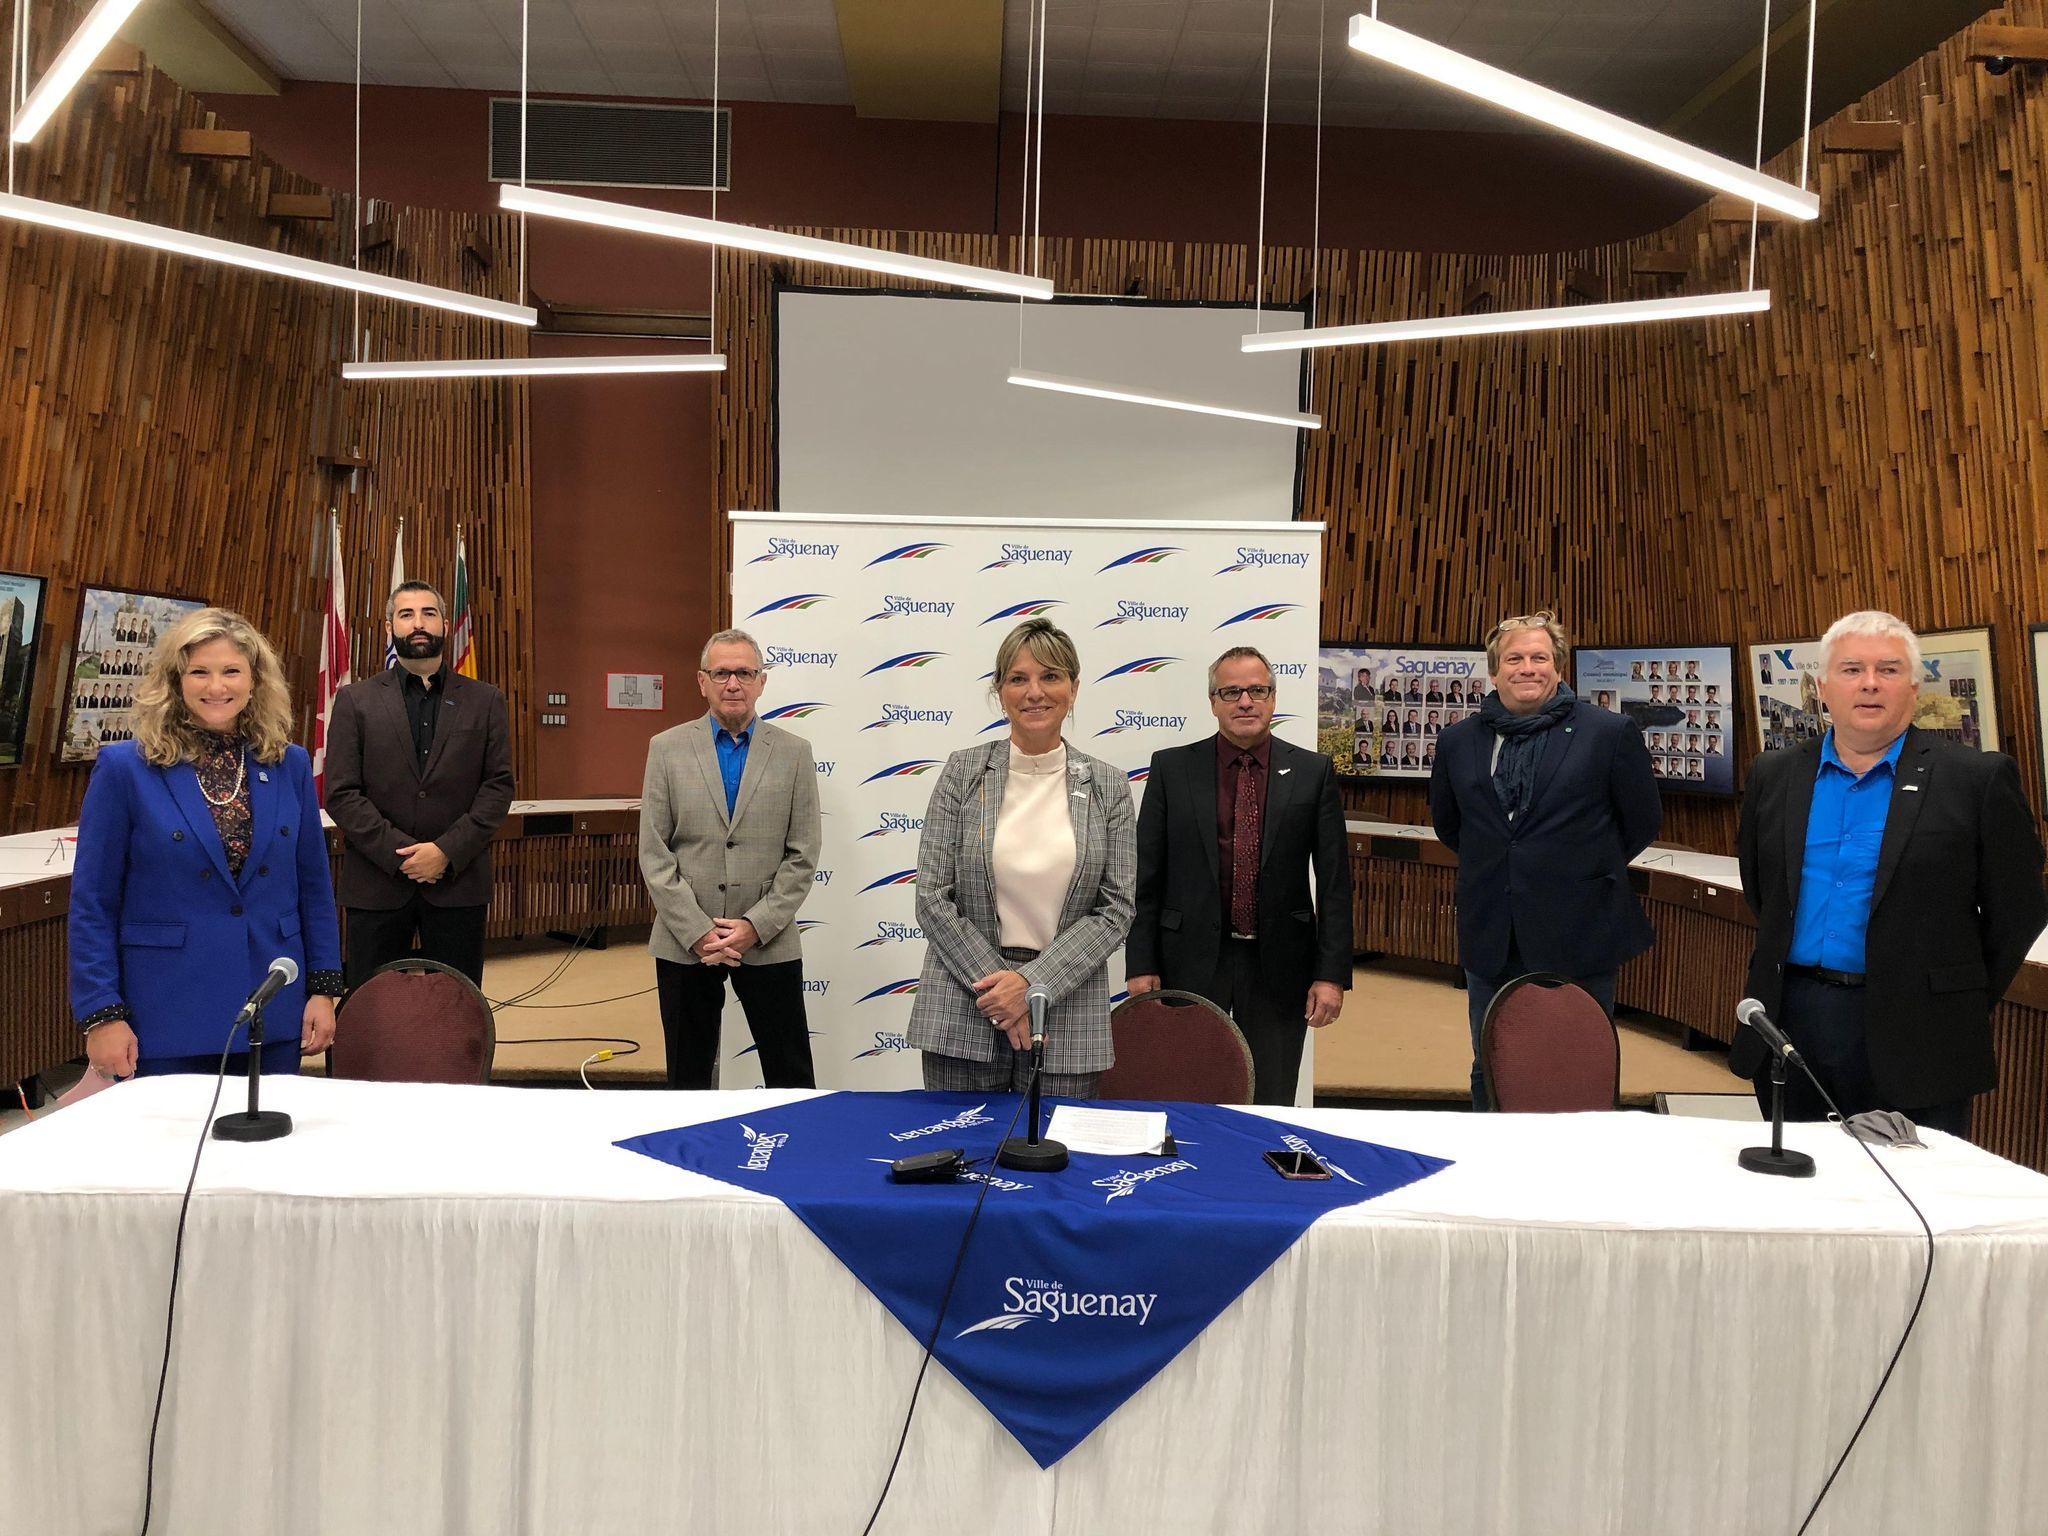 La mairesse de Saguenay, Josée Néron, demande à la ministre de l'Enseignement supérieur du Québec, Mme Danielle McCann, de tout mettre en œuvre pour assurer et protéger les exclusivités des programmes d'Art et Technologie des médias (ATM) de Jonquière et de pilotage en aéronefs (CQFA) de Chicoutimi.